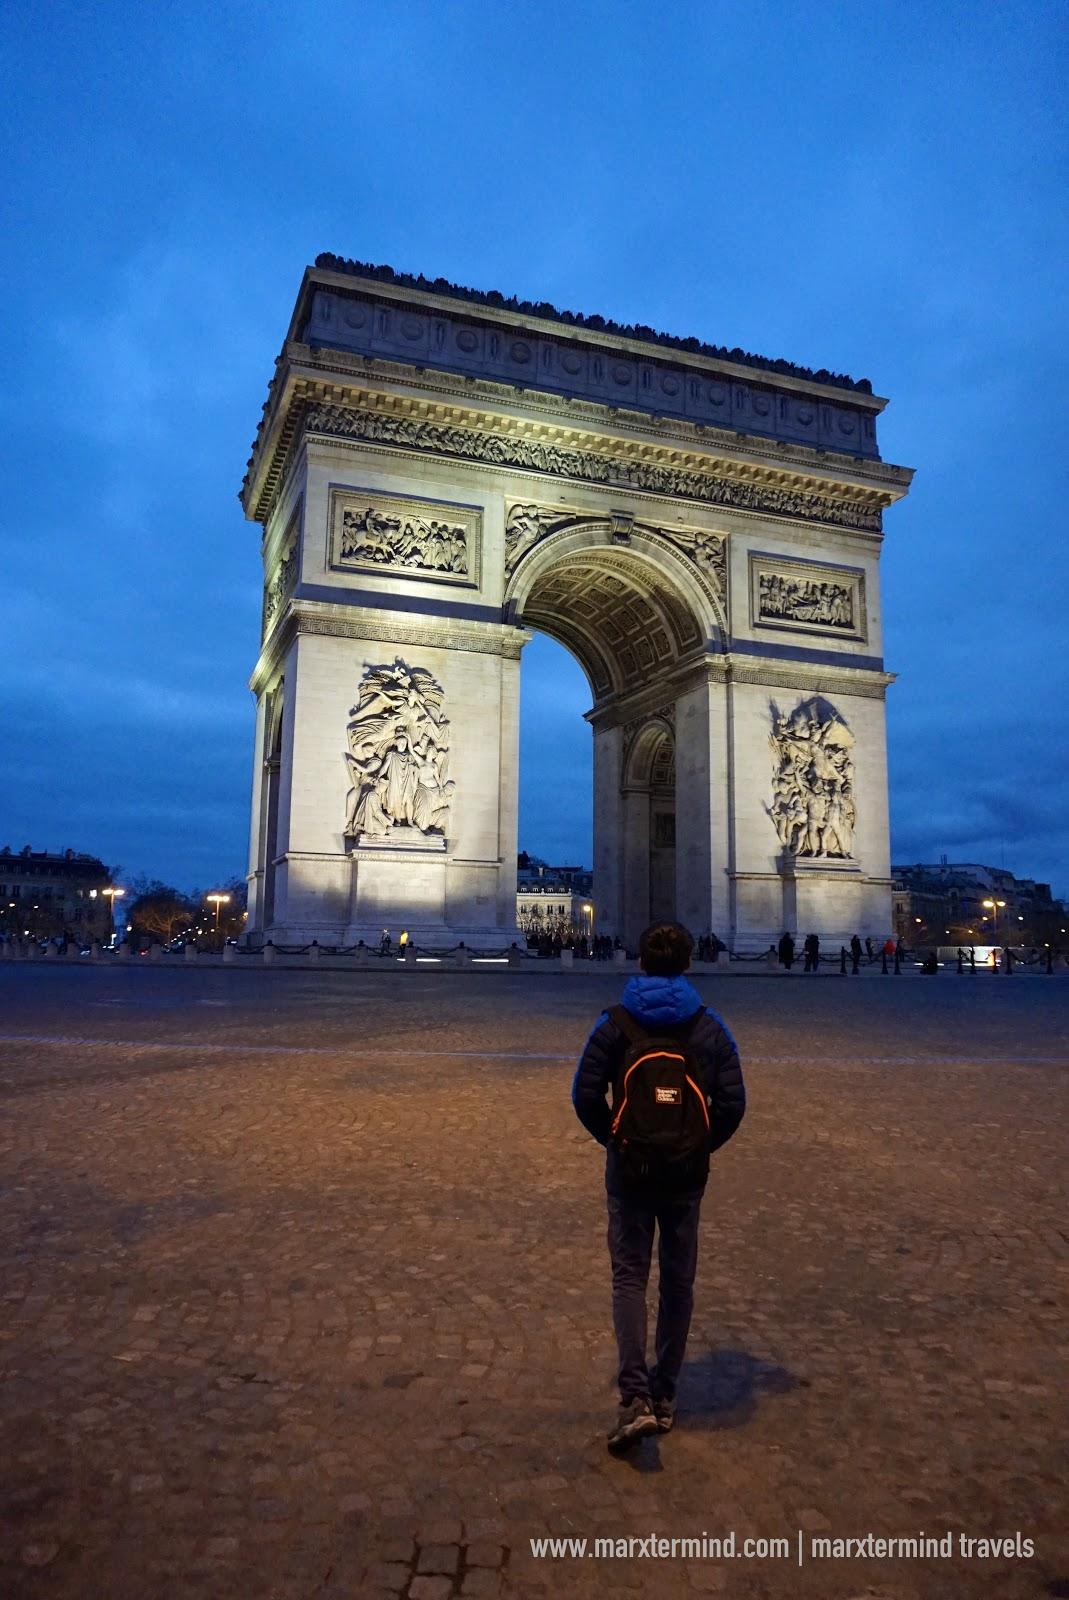 marxtermind at Arc de Triomphe